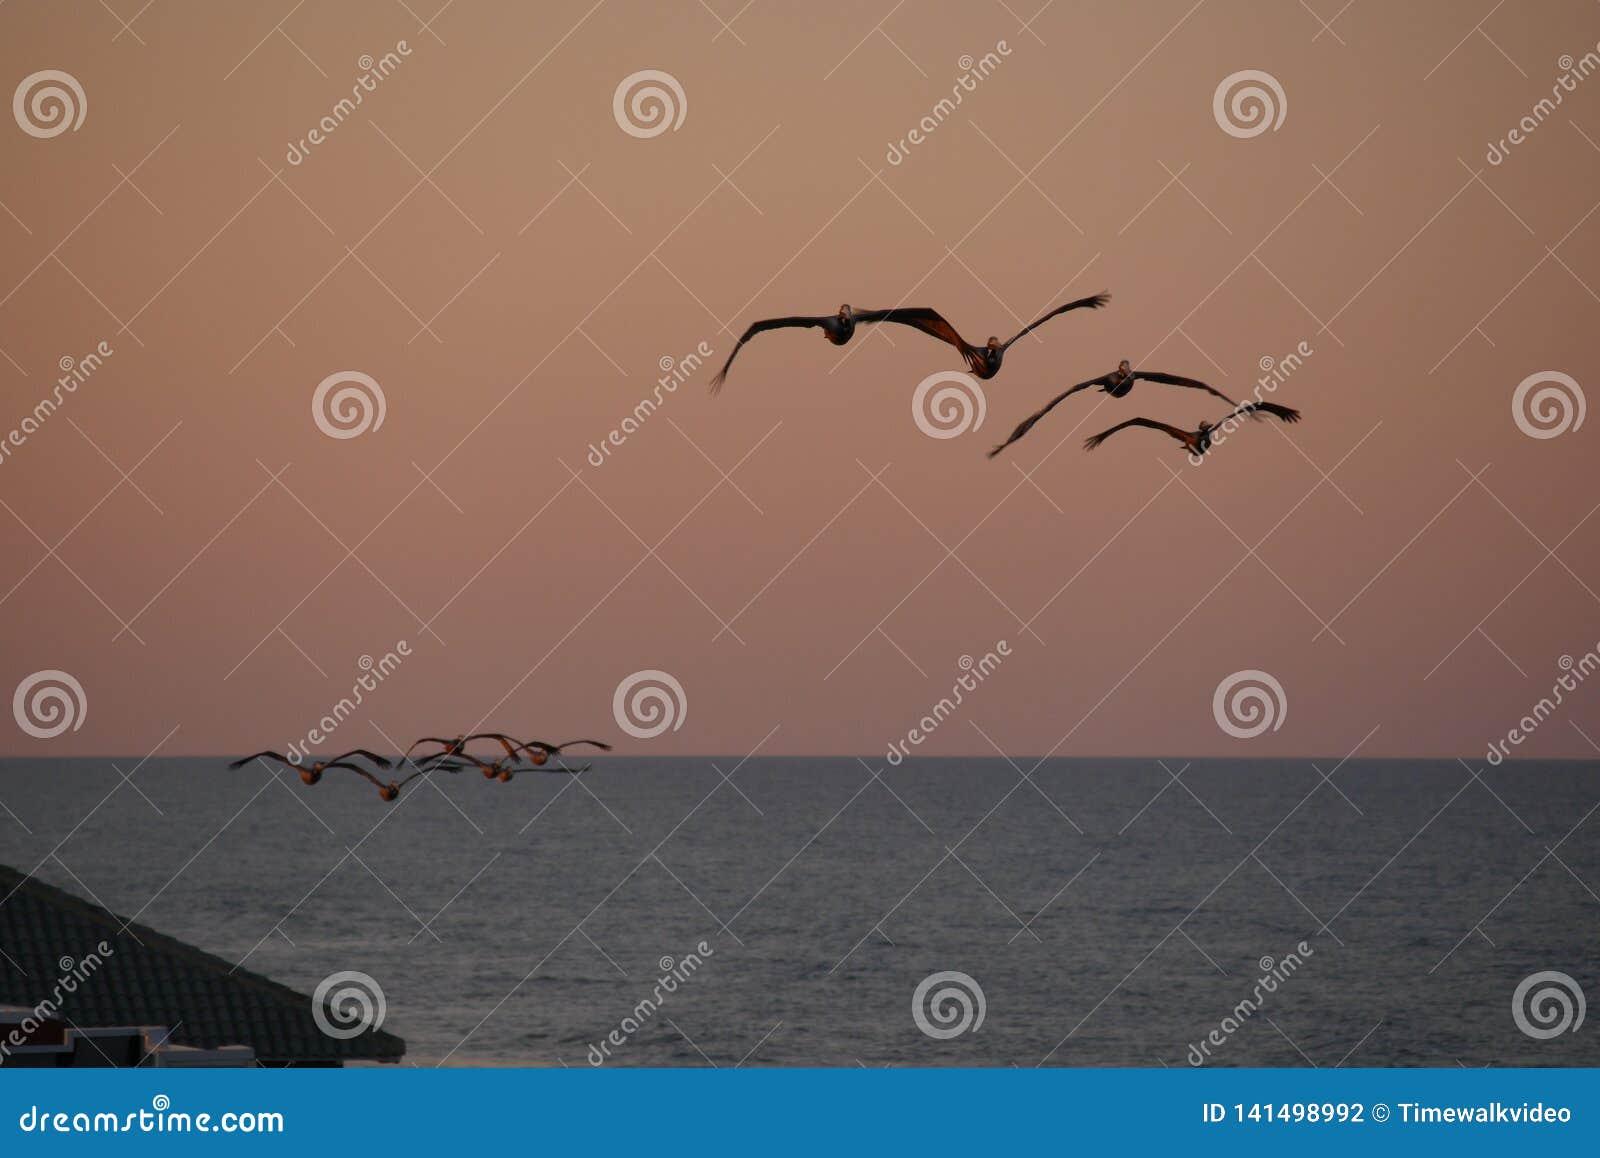 Пеликаны летают надземное в заходе солнца на этот курорт Флориды